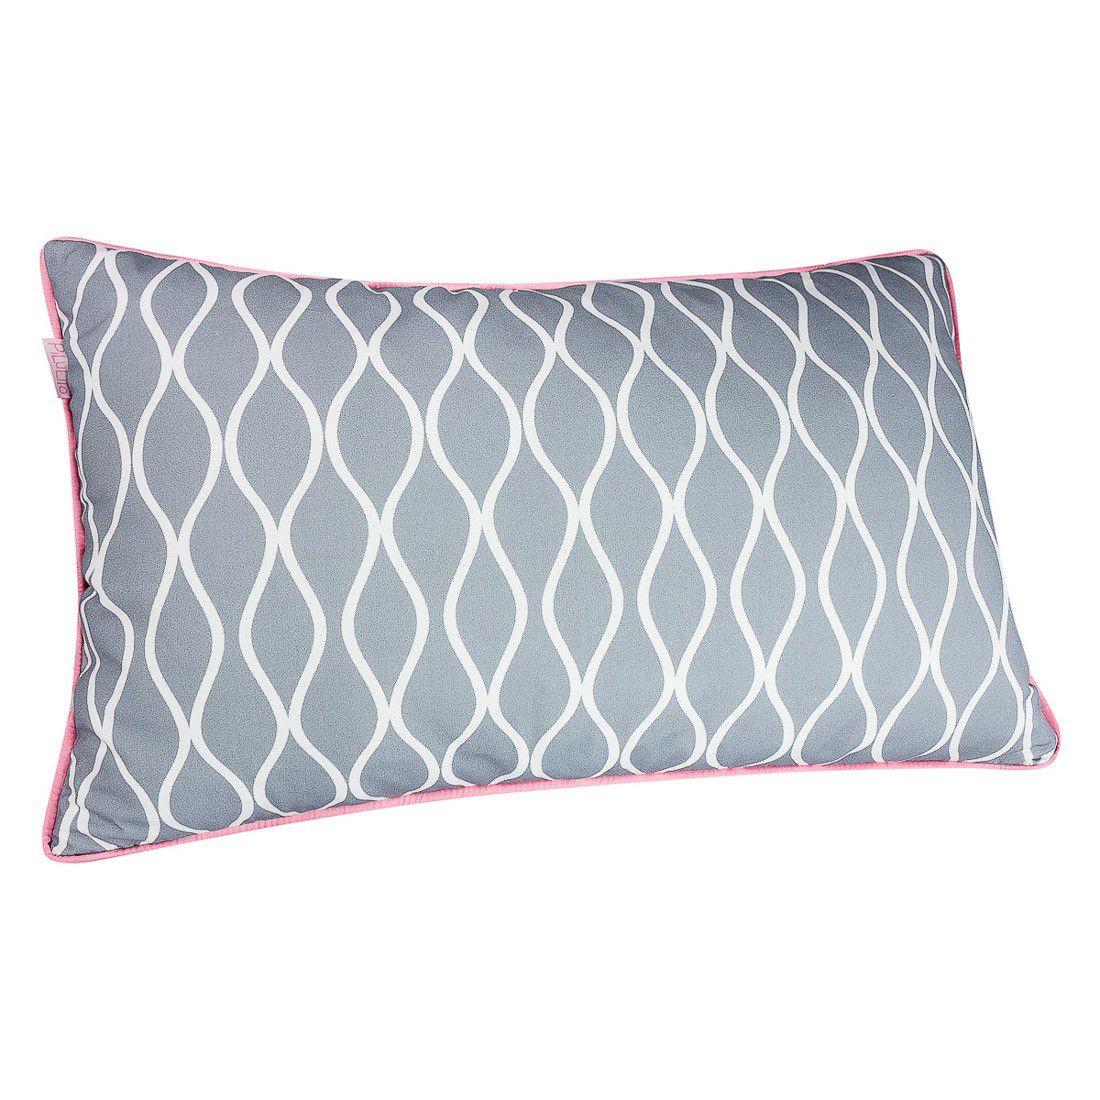 CAPA de almofada de cabeceira ondas cinza  60x40cm com rose quartz